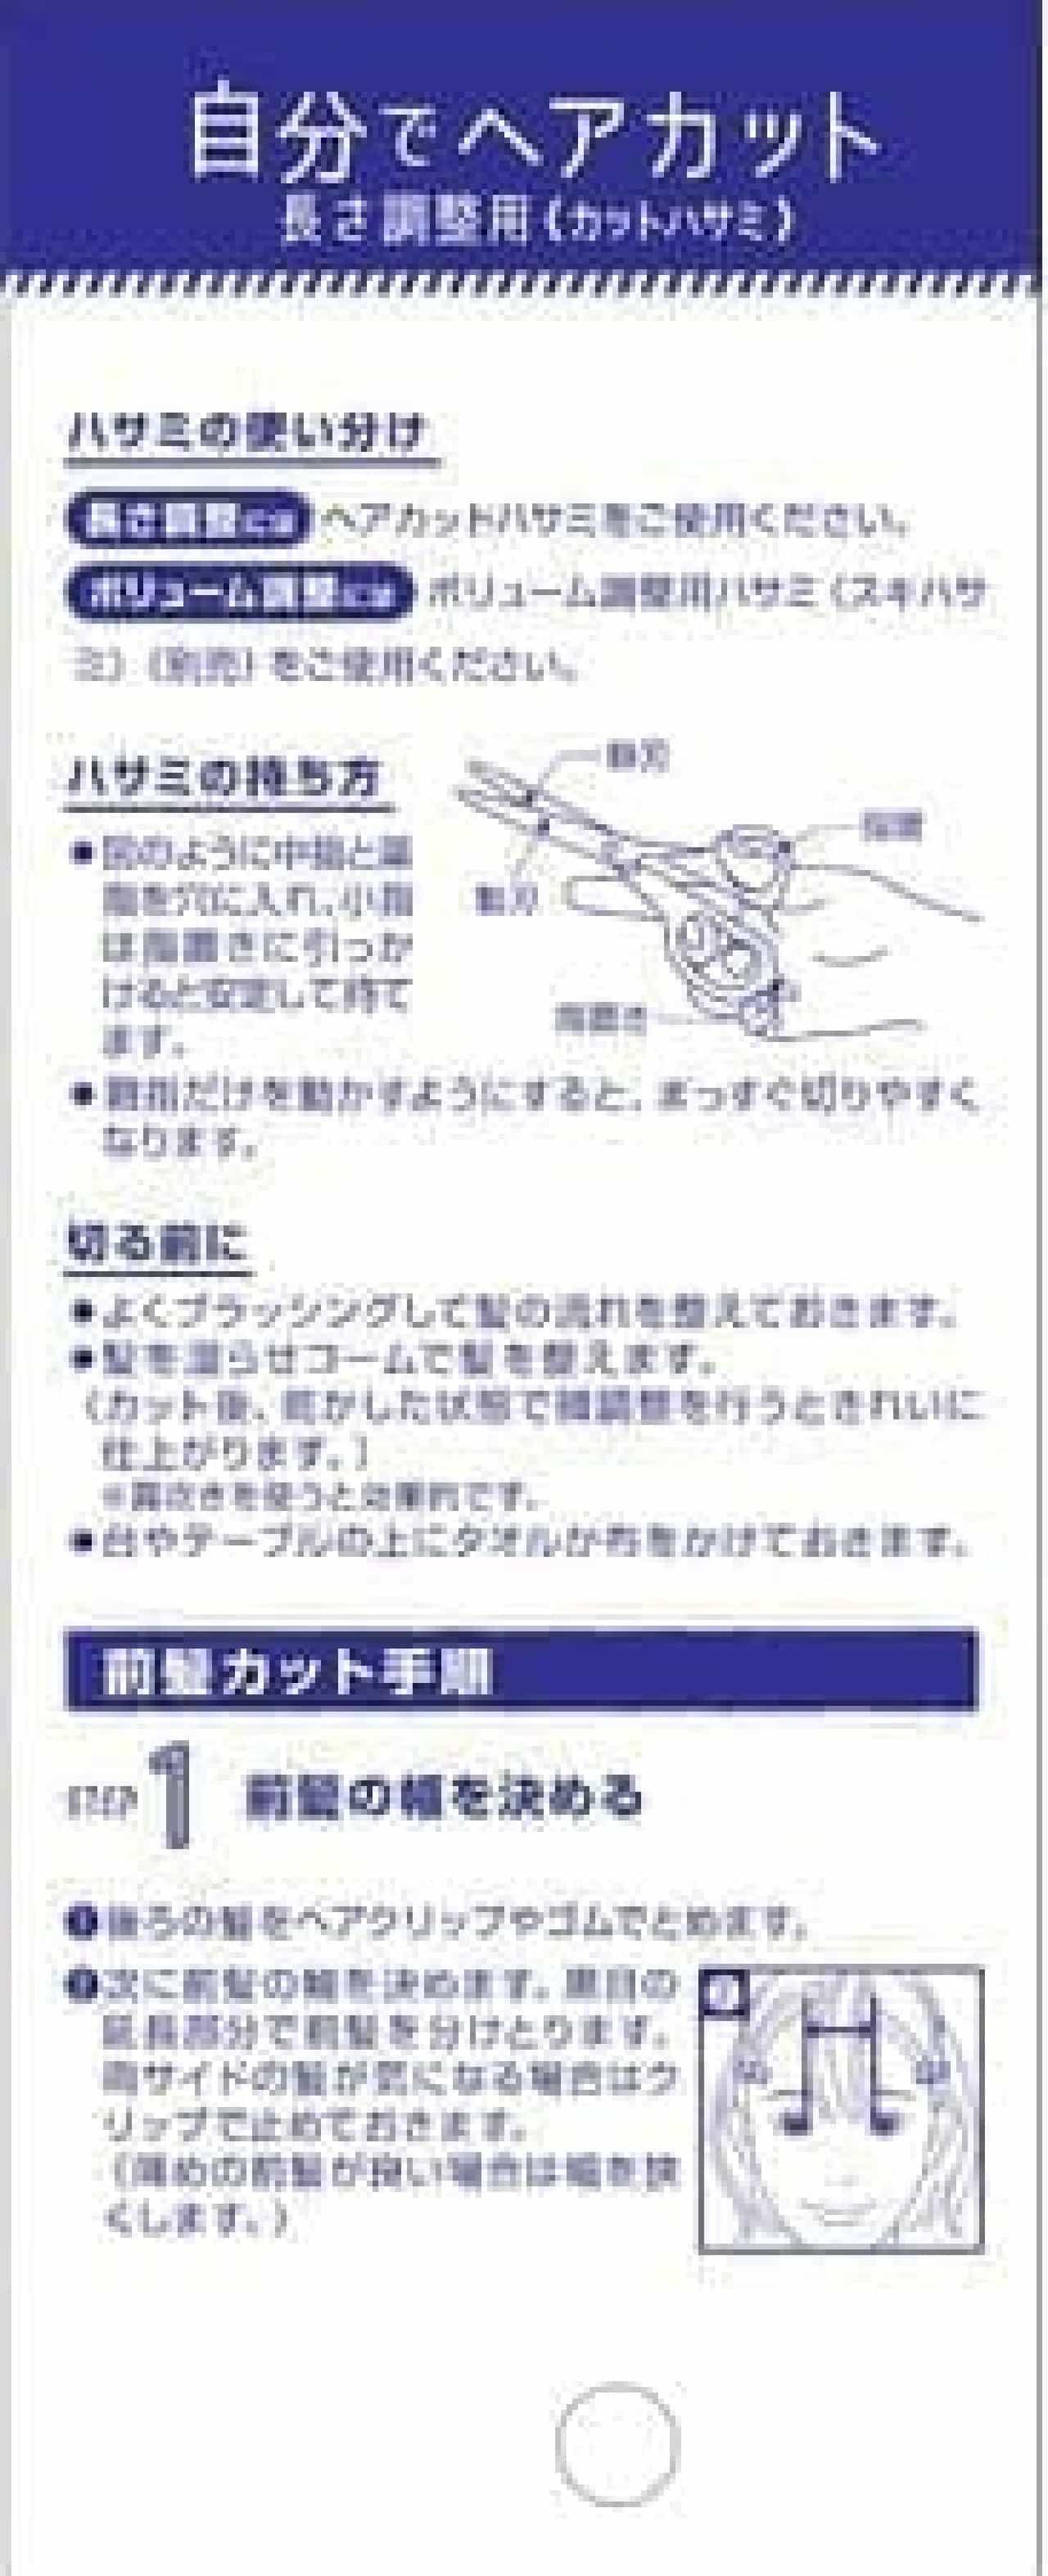 貝印「セルフ用カットハサミ」パッケージ